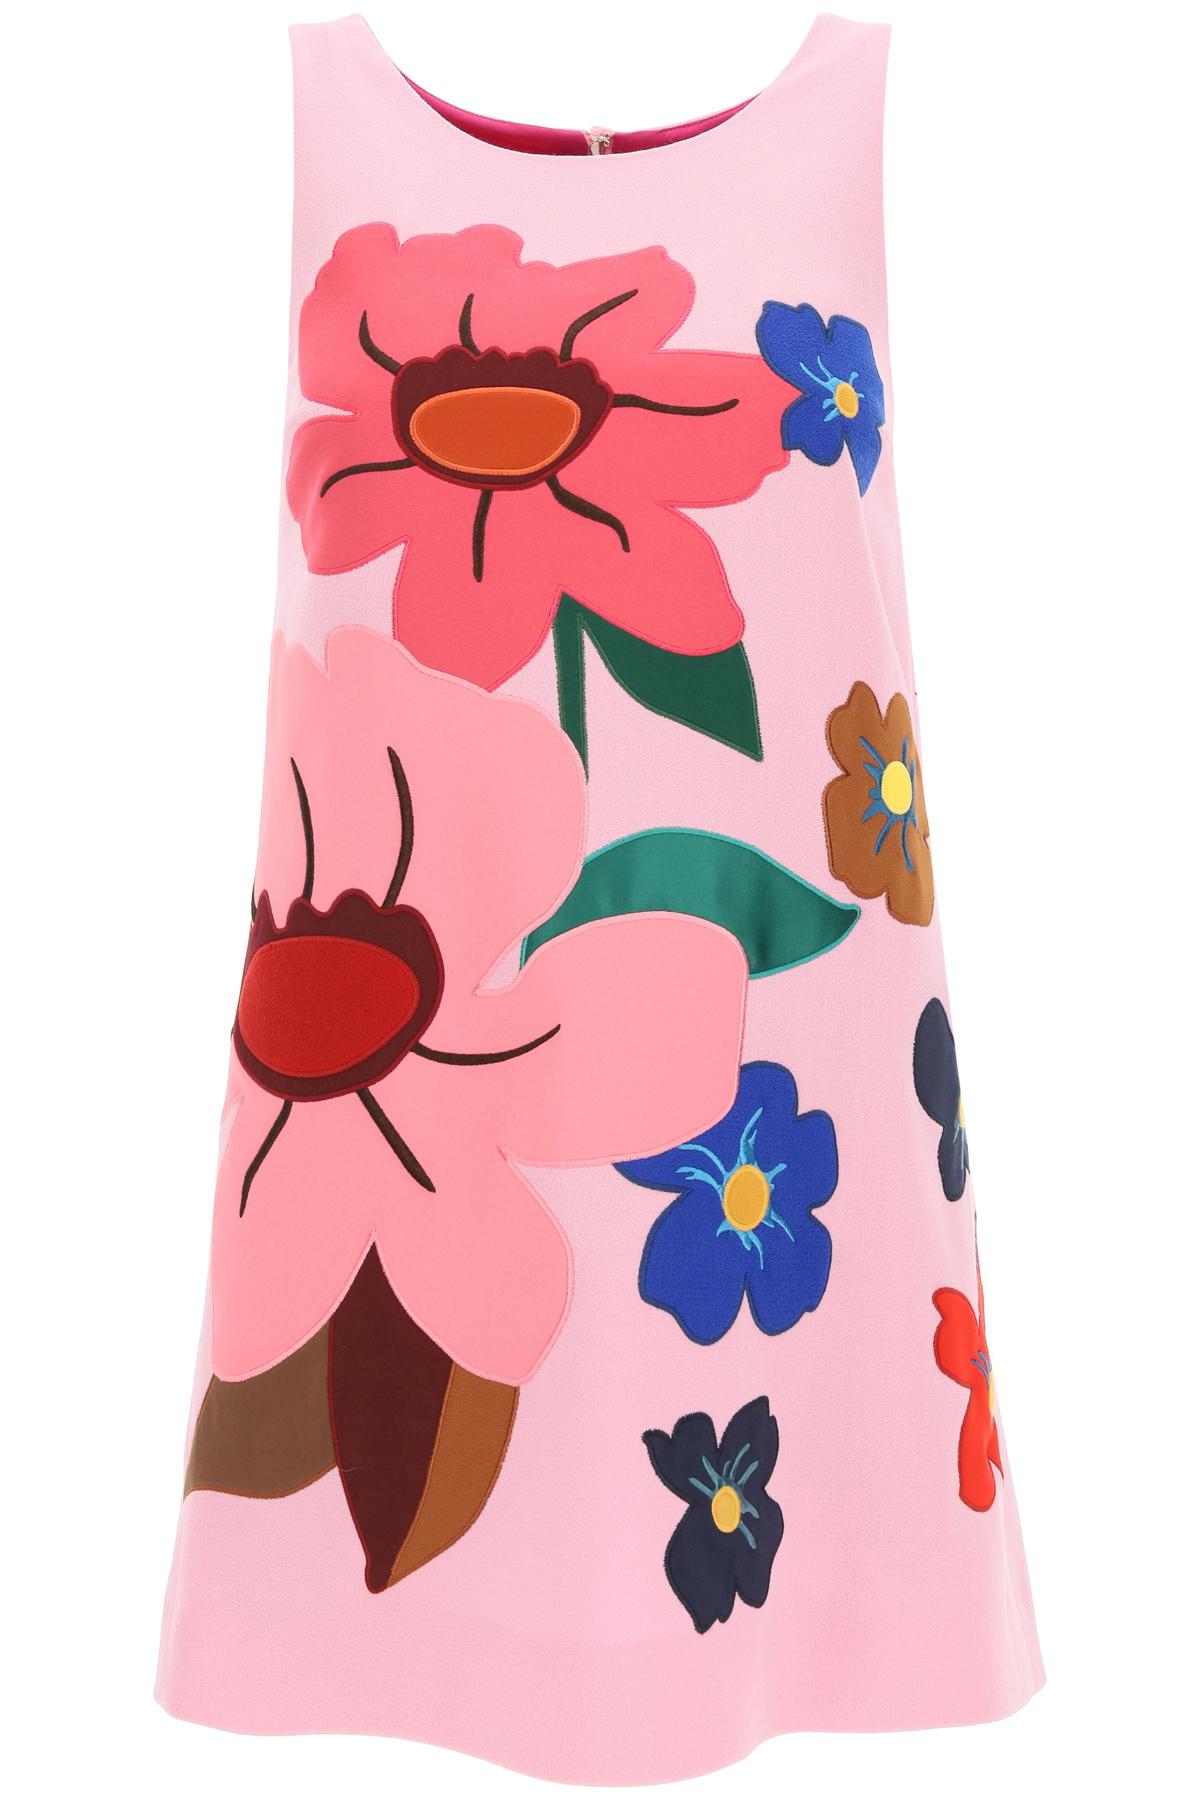 Dolce & gabbana mini abito con fiori applicati